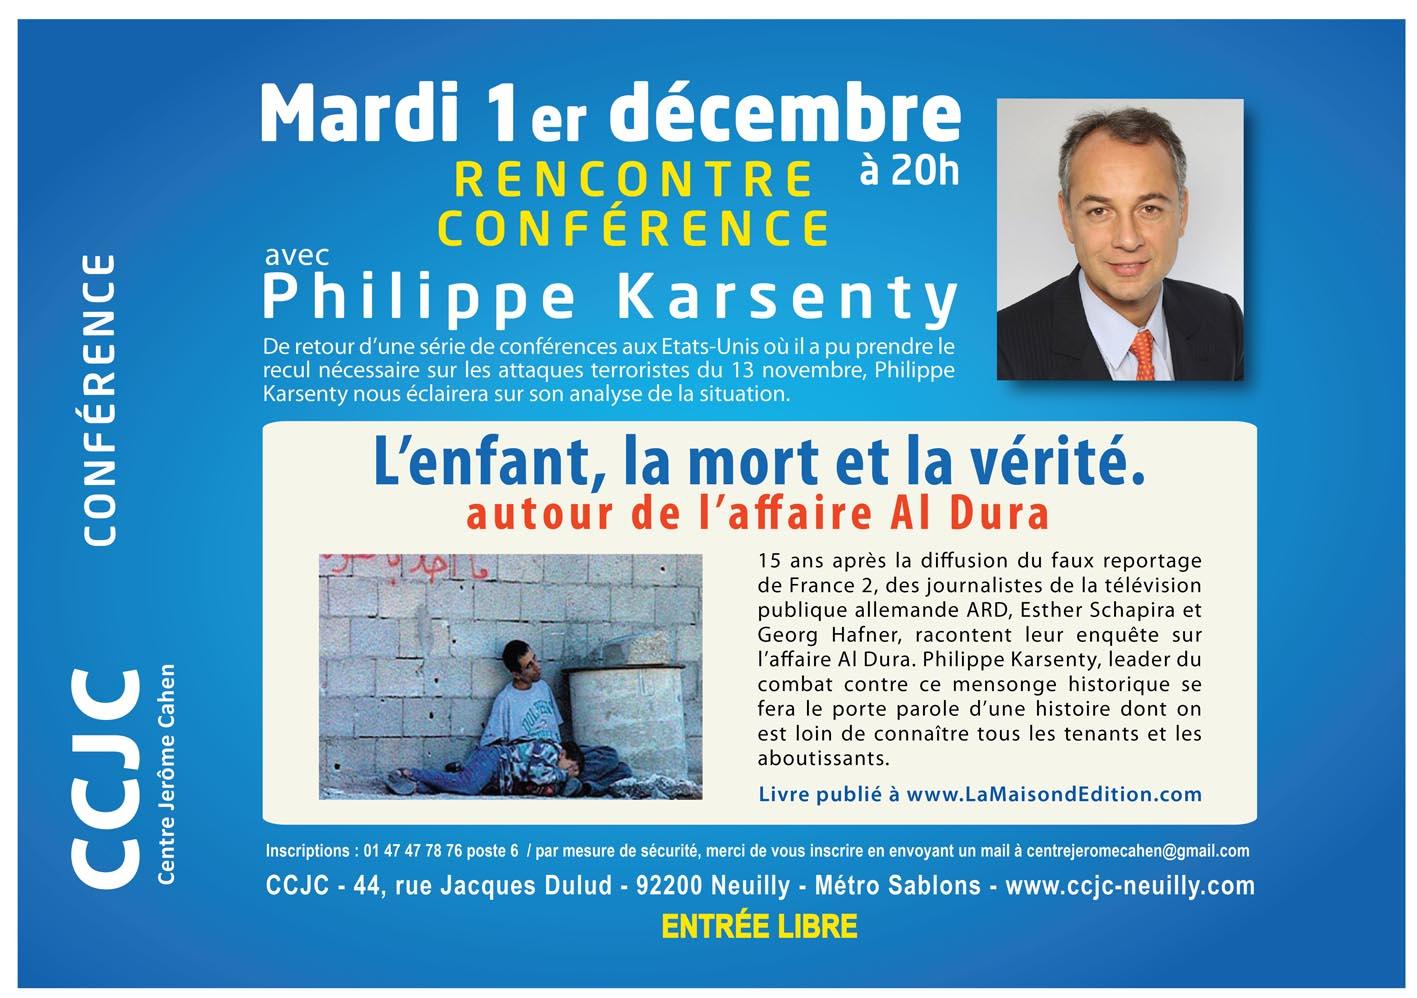 L'enfant, la mort et la vérité, avec P. Karsenty